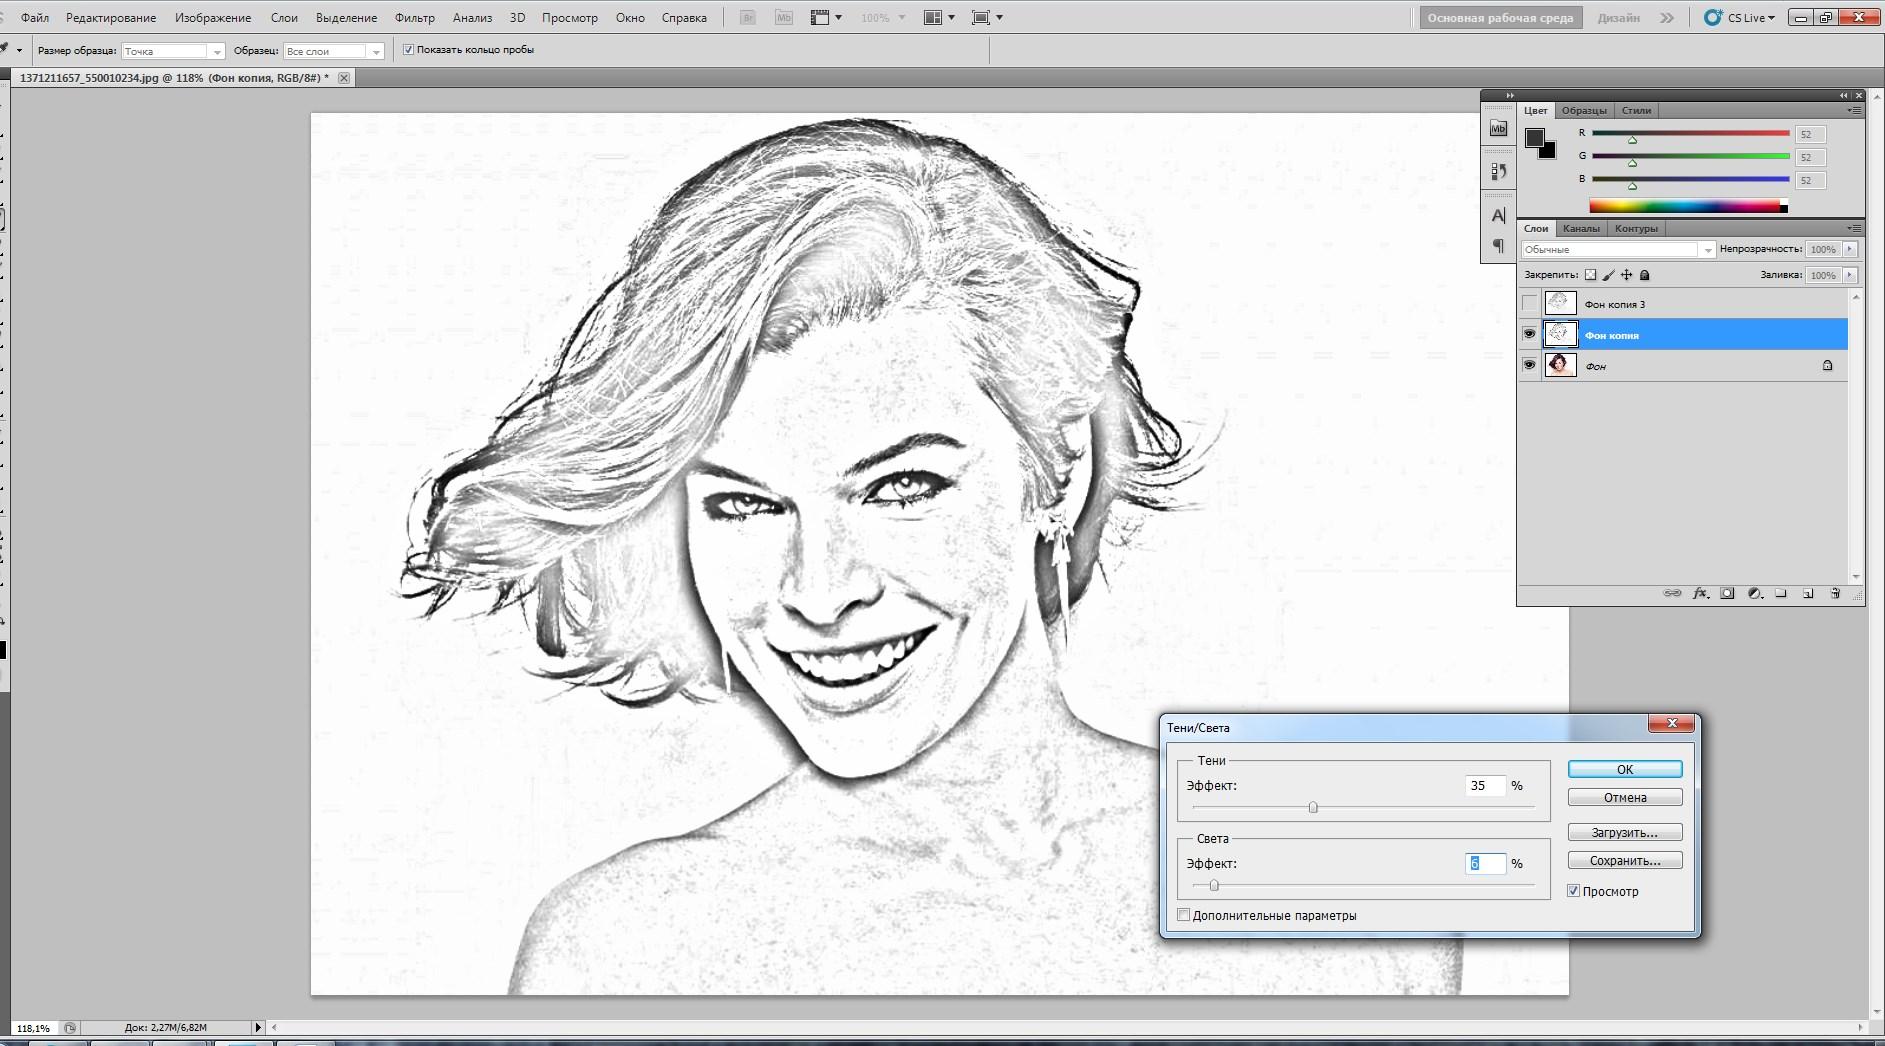 Как из рисунка сделать изображение